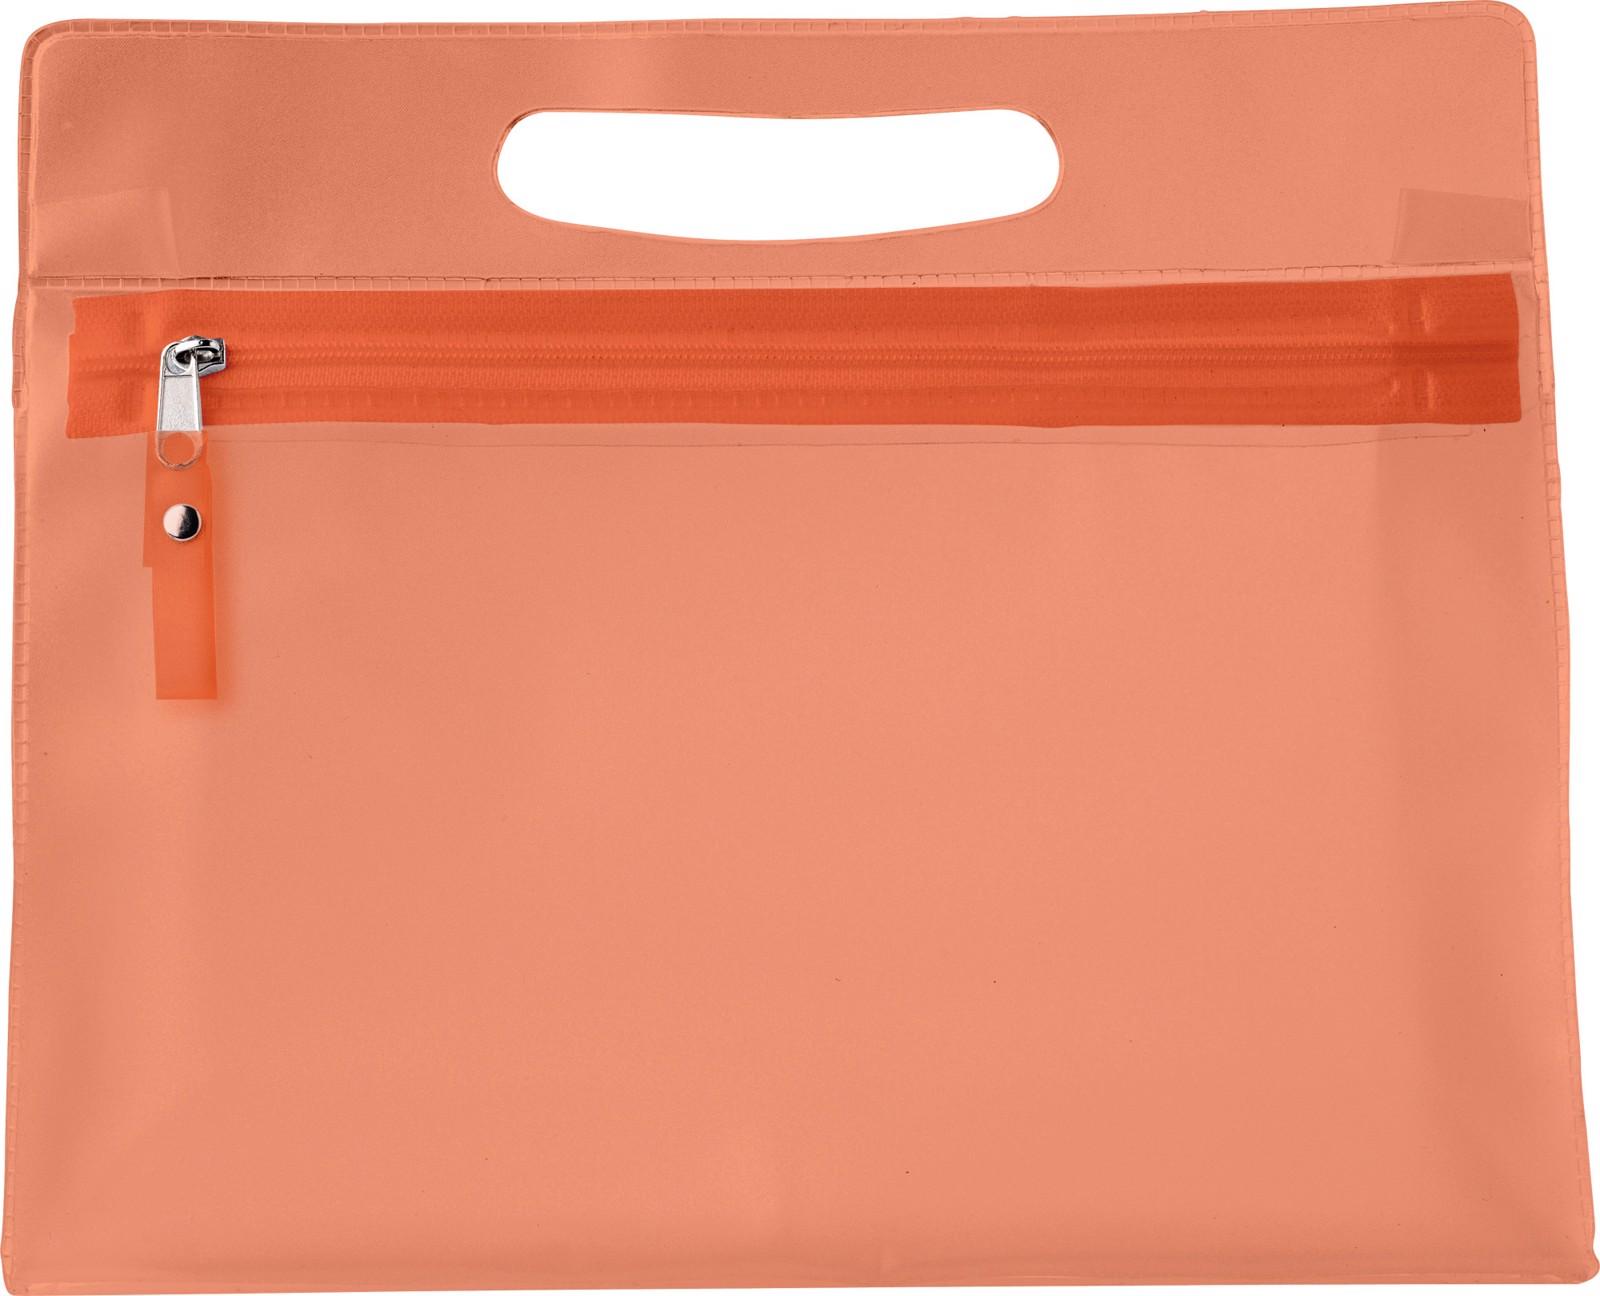 PVC  toilet bag - Orange